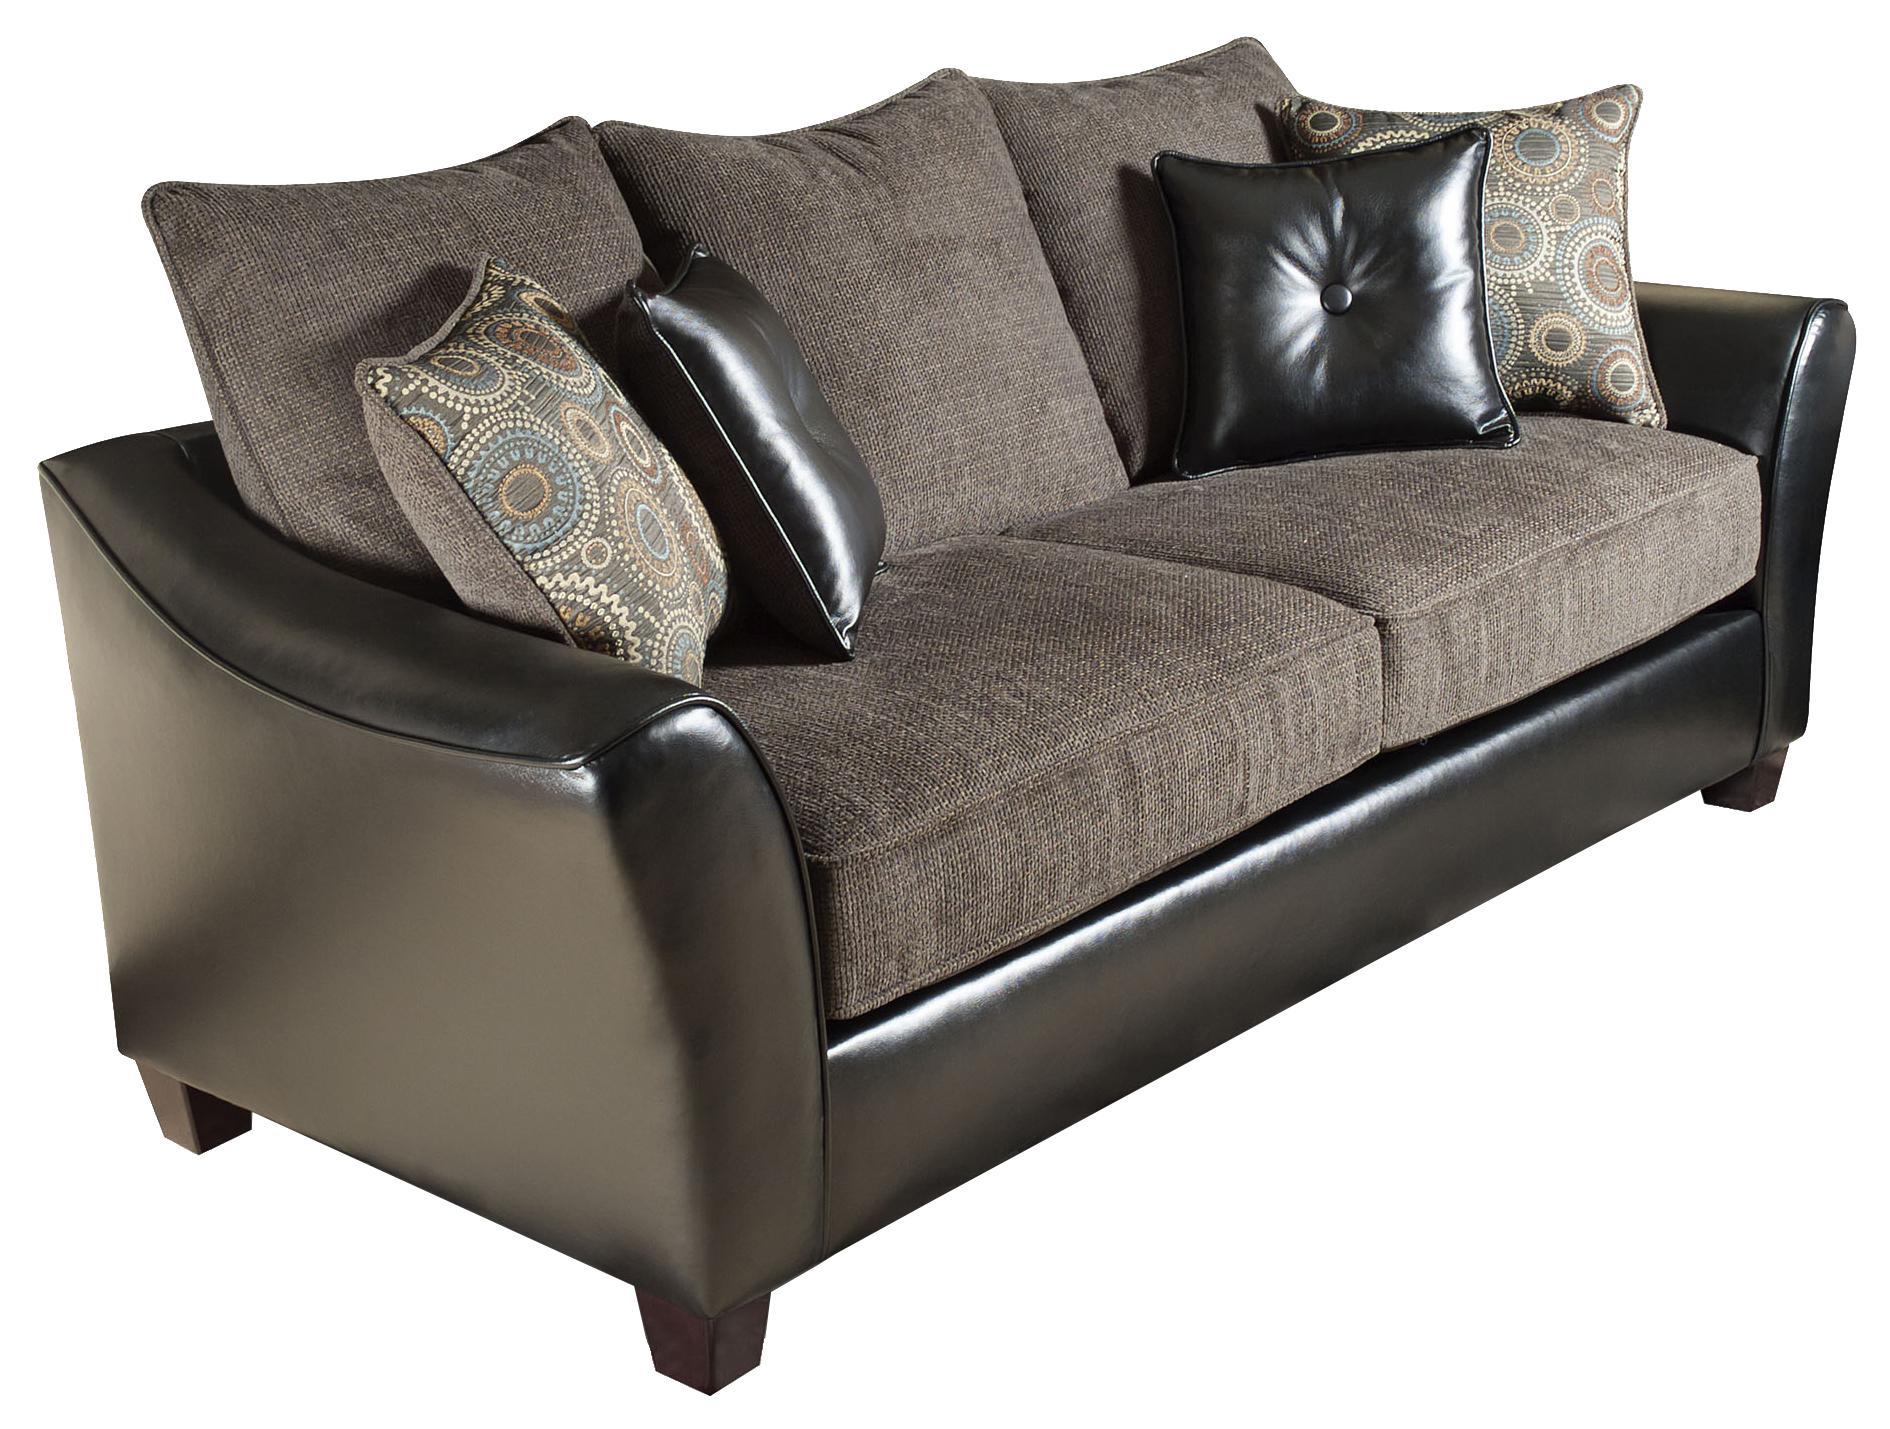 American Furniture 3200 Group Sofa - Item Number: 3203 5775